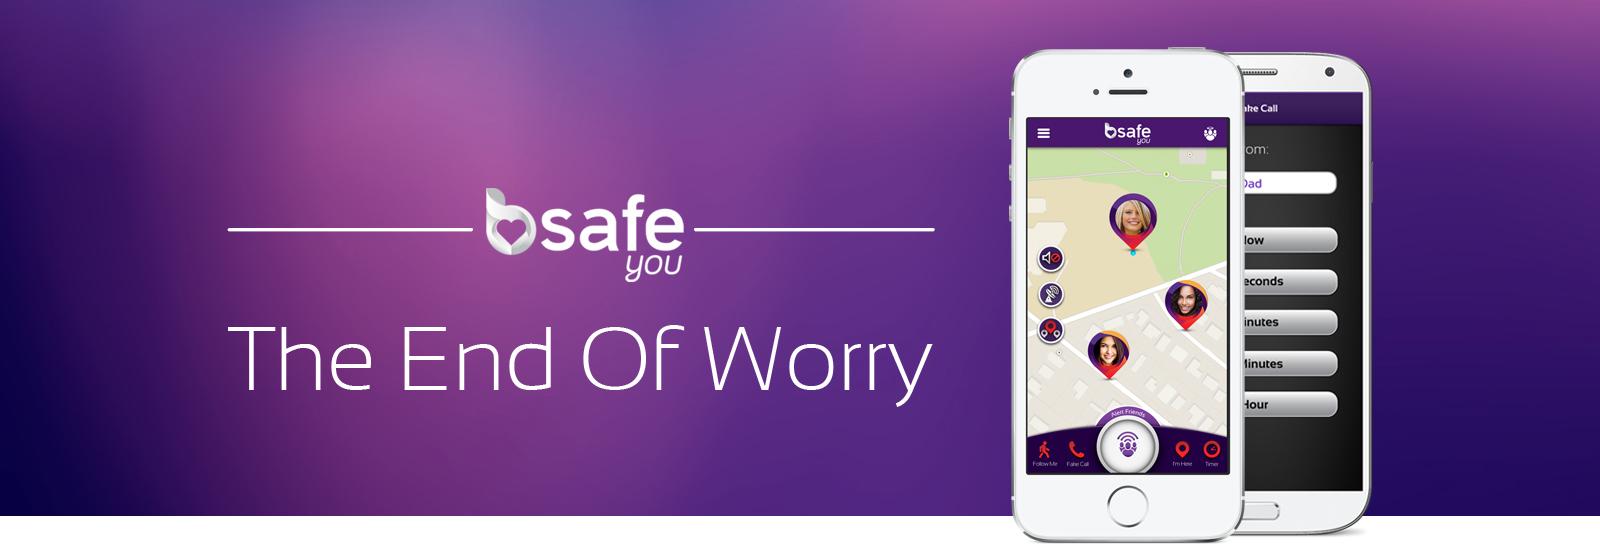 Safety App Review - bsafe app screenshot